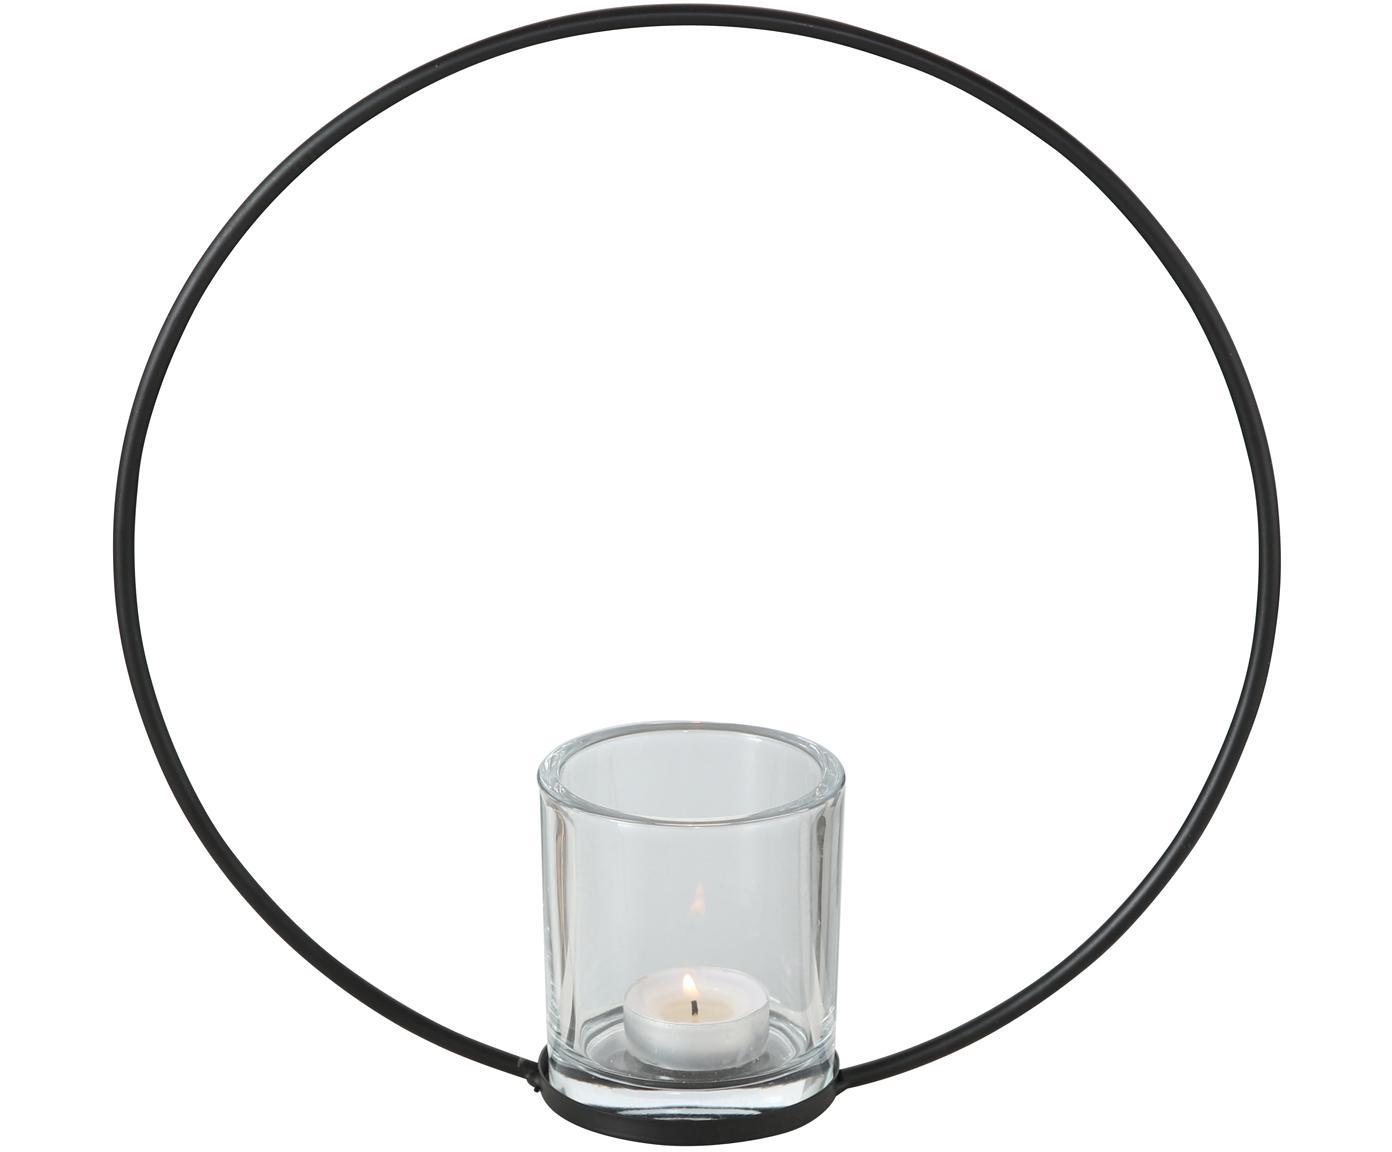 Windlicht Rumba, Metall, Glas, Schwarz, Ø 30 x T 8 cm